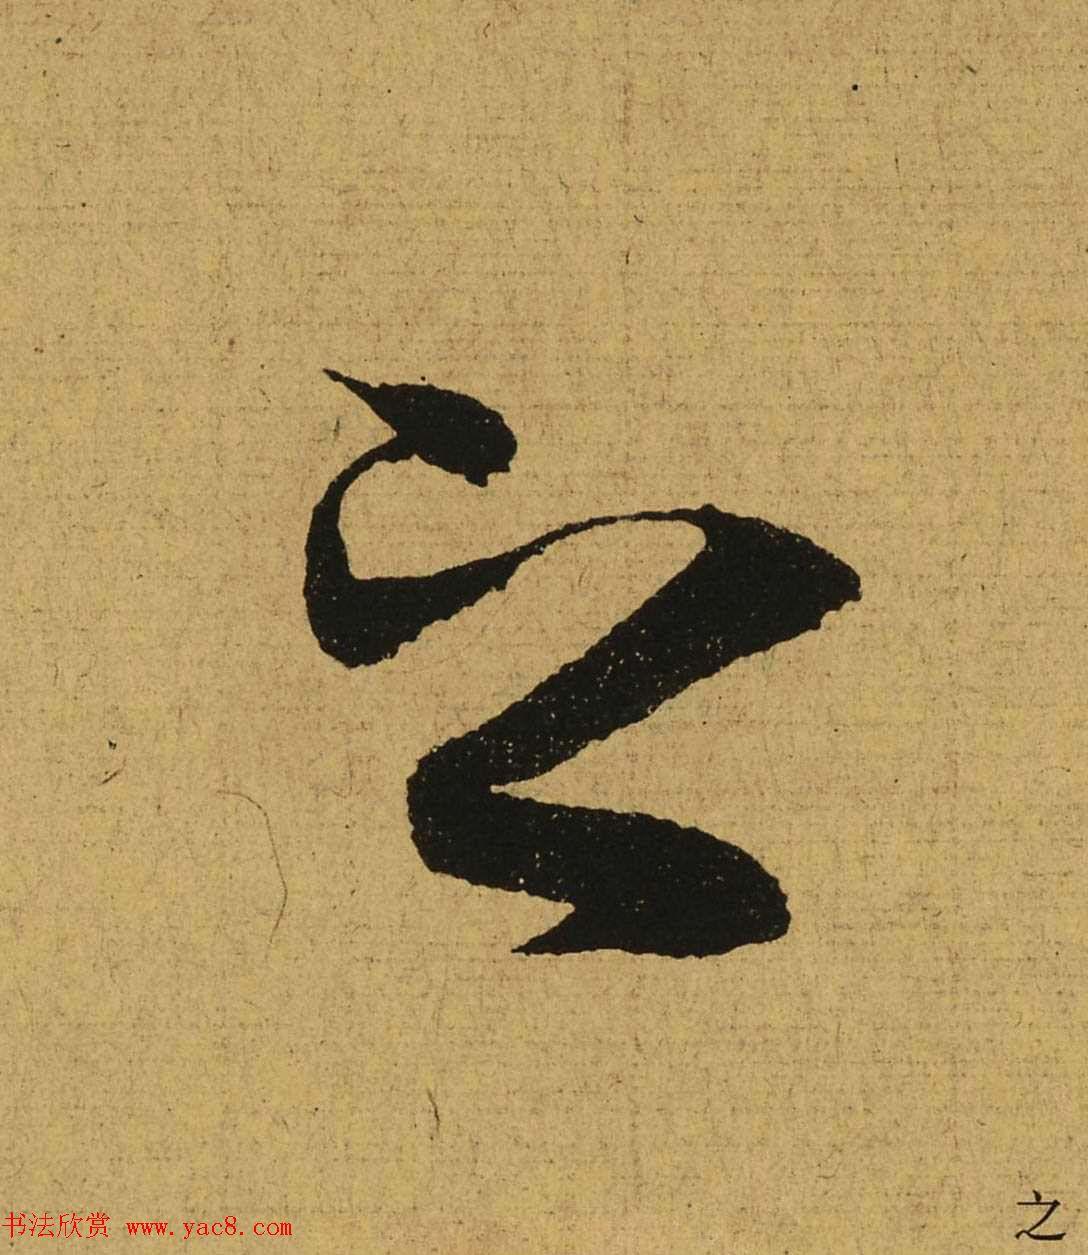 王羲之兰亭集序全文单字高清放大字帖 第25页 行书字帖 书法欣赏